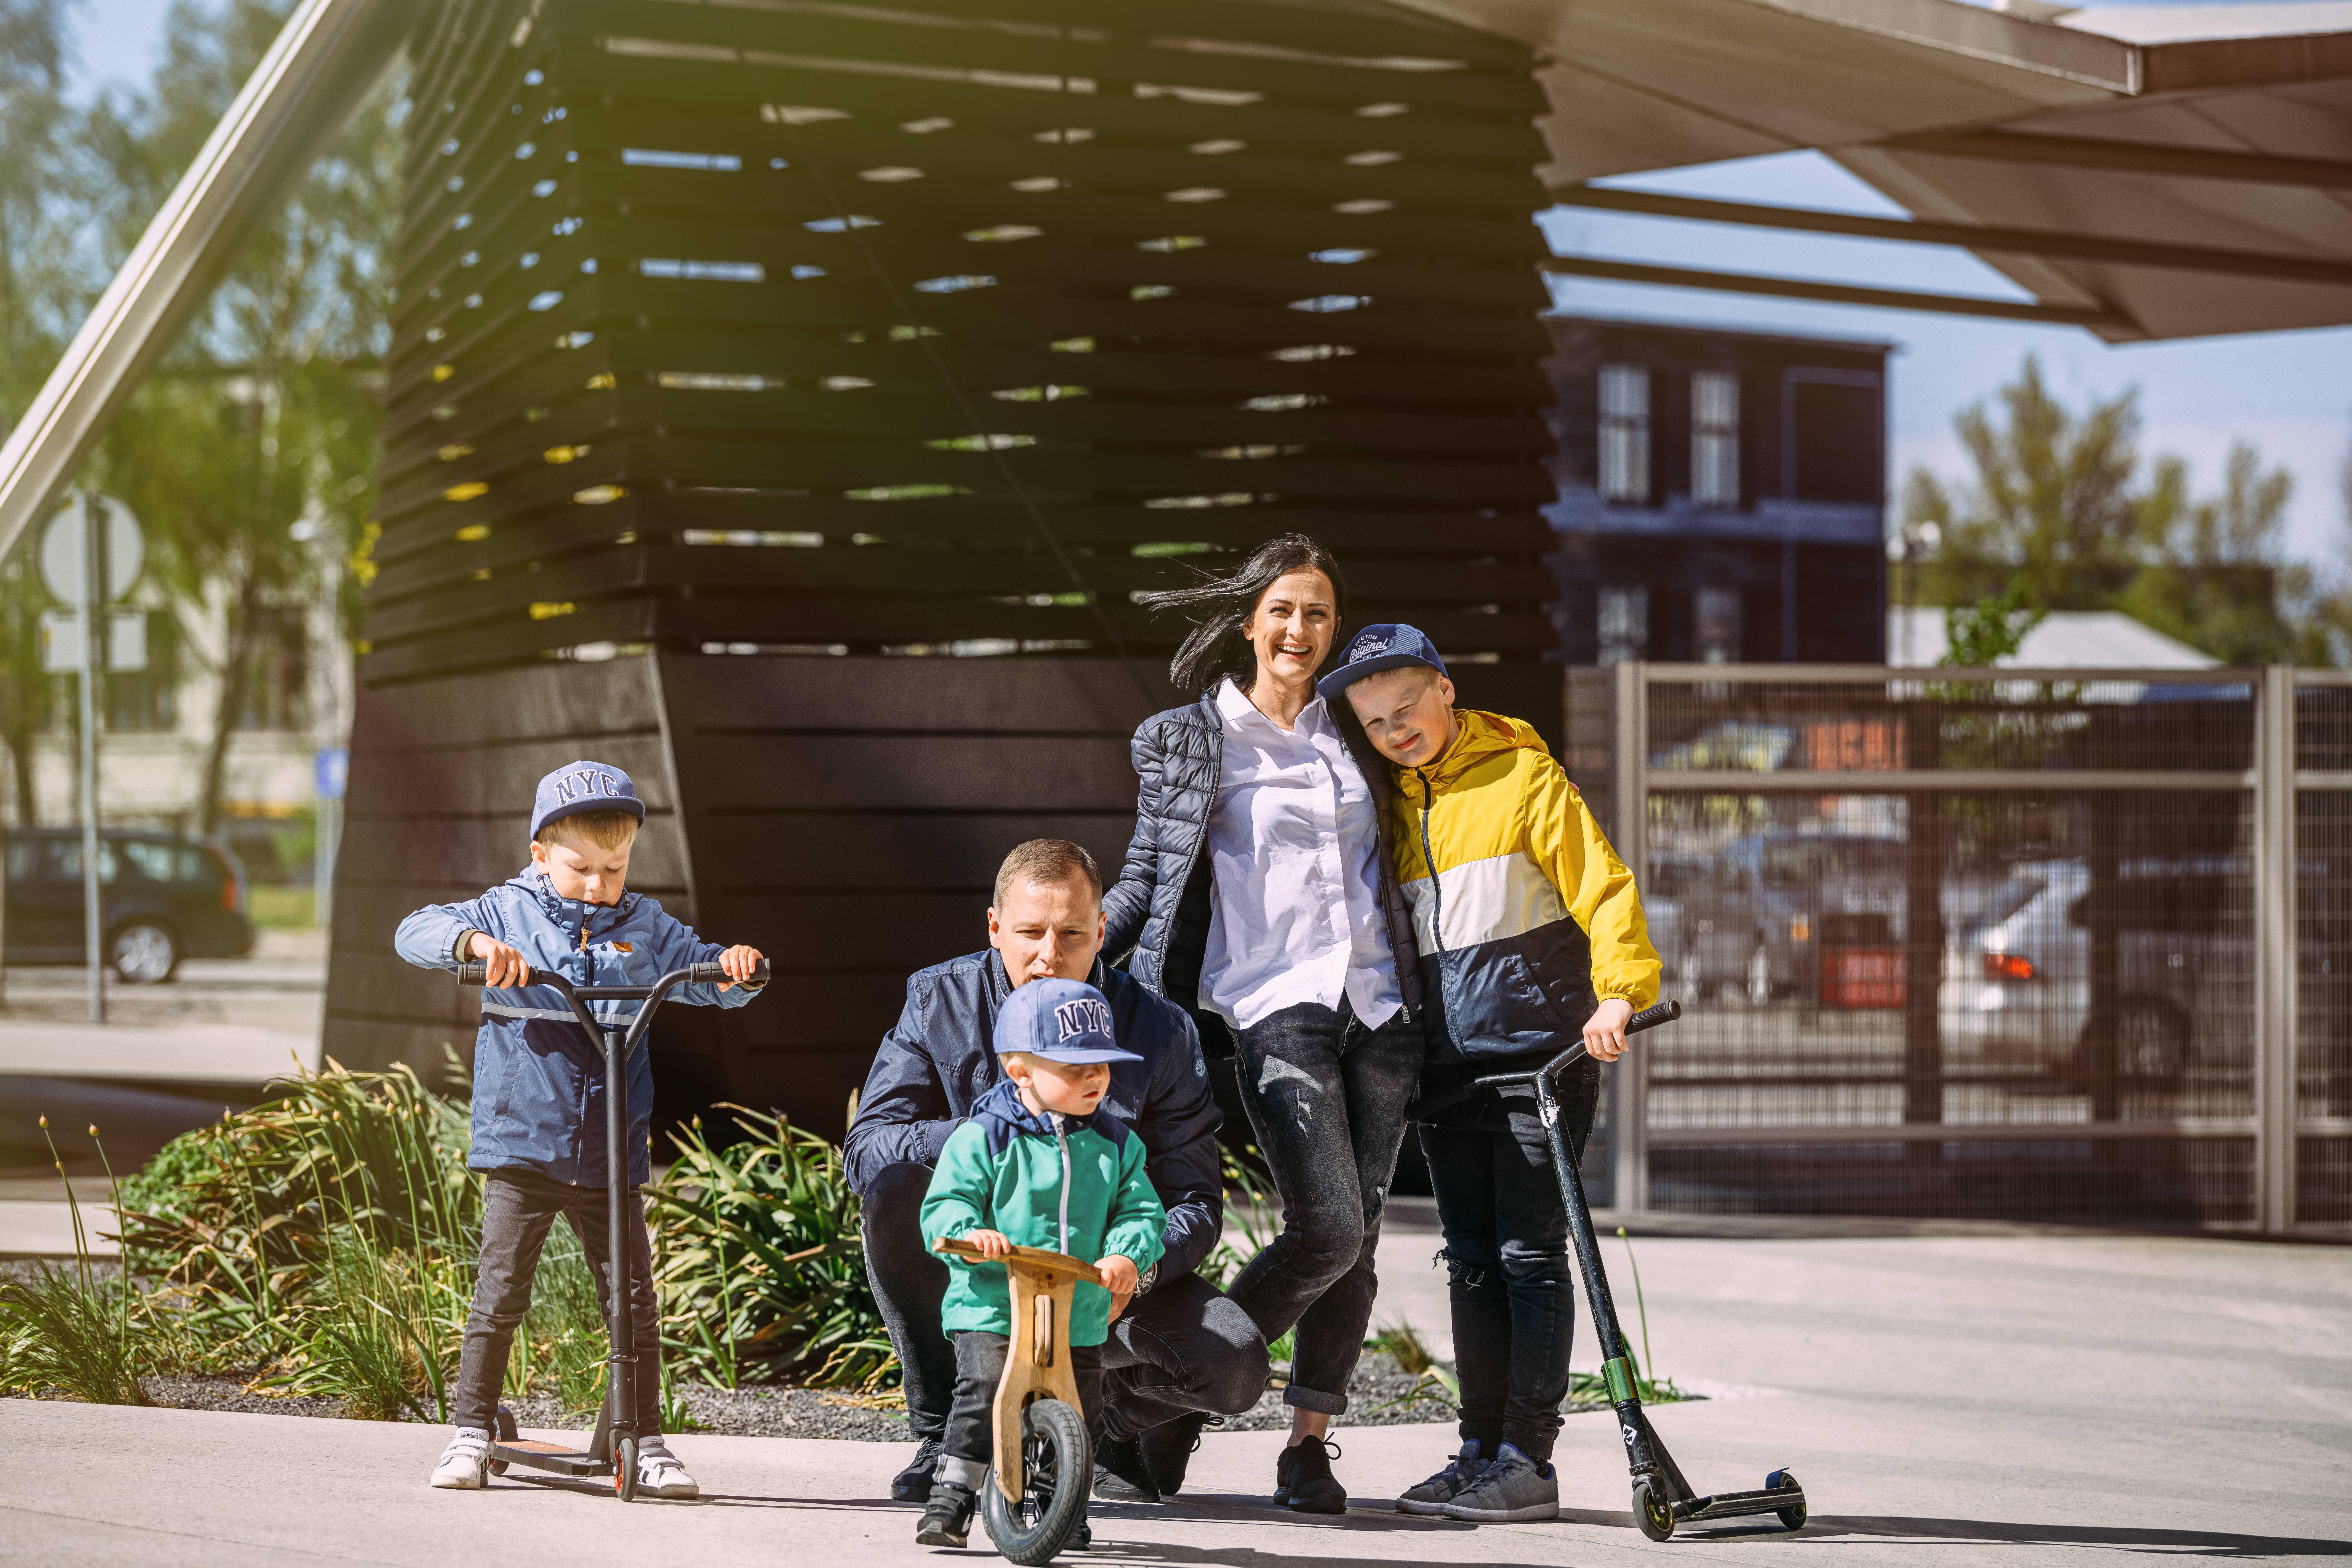 Ģimene ar trīs dēliem pie koncertzāles Lielais dzintars